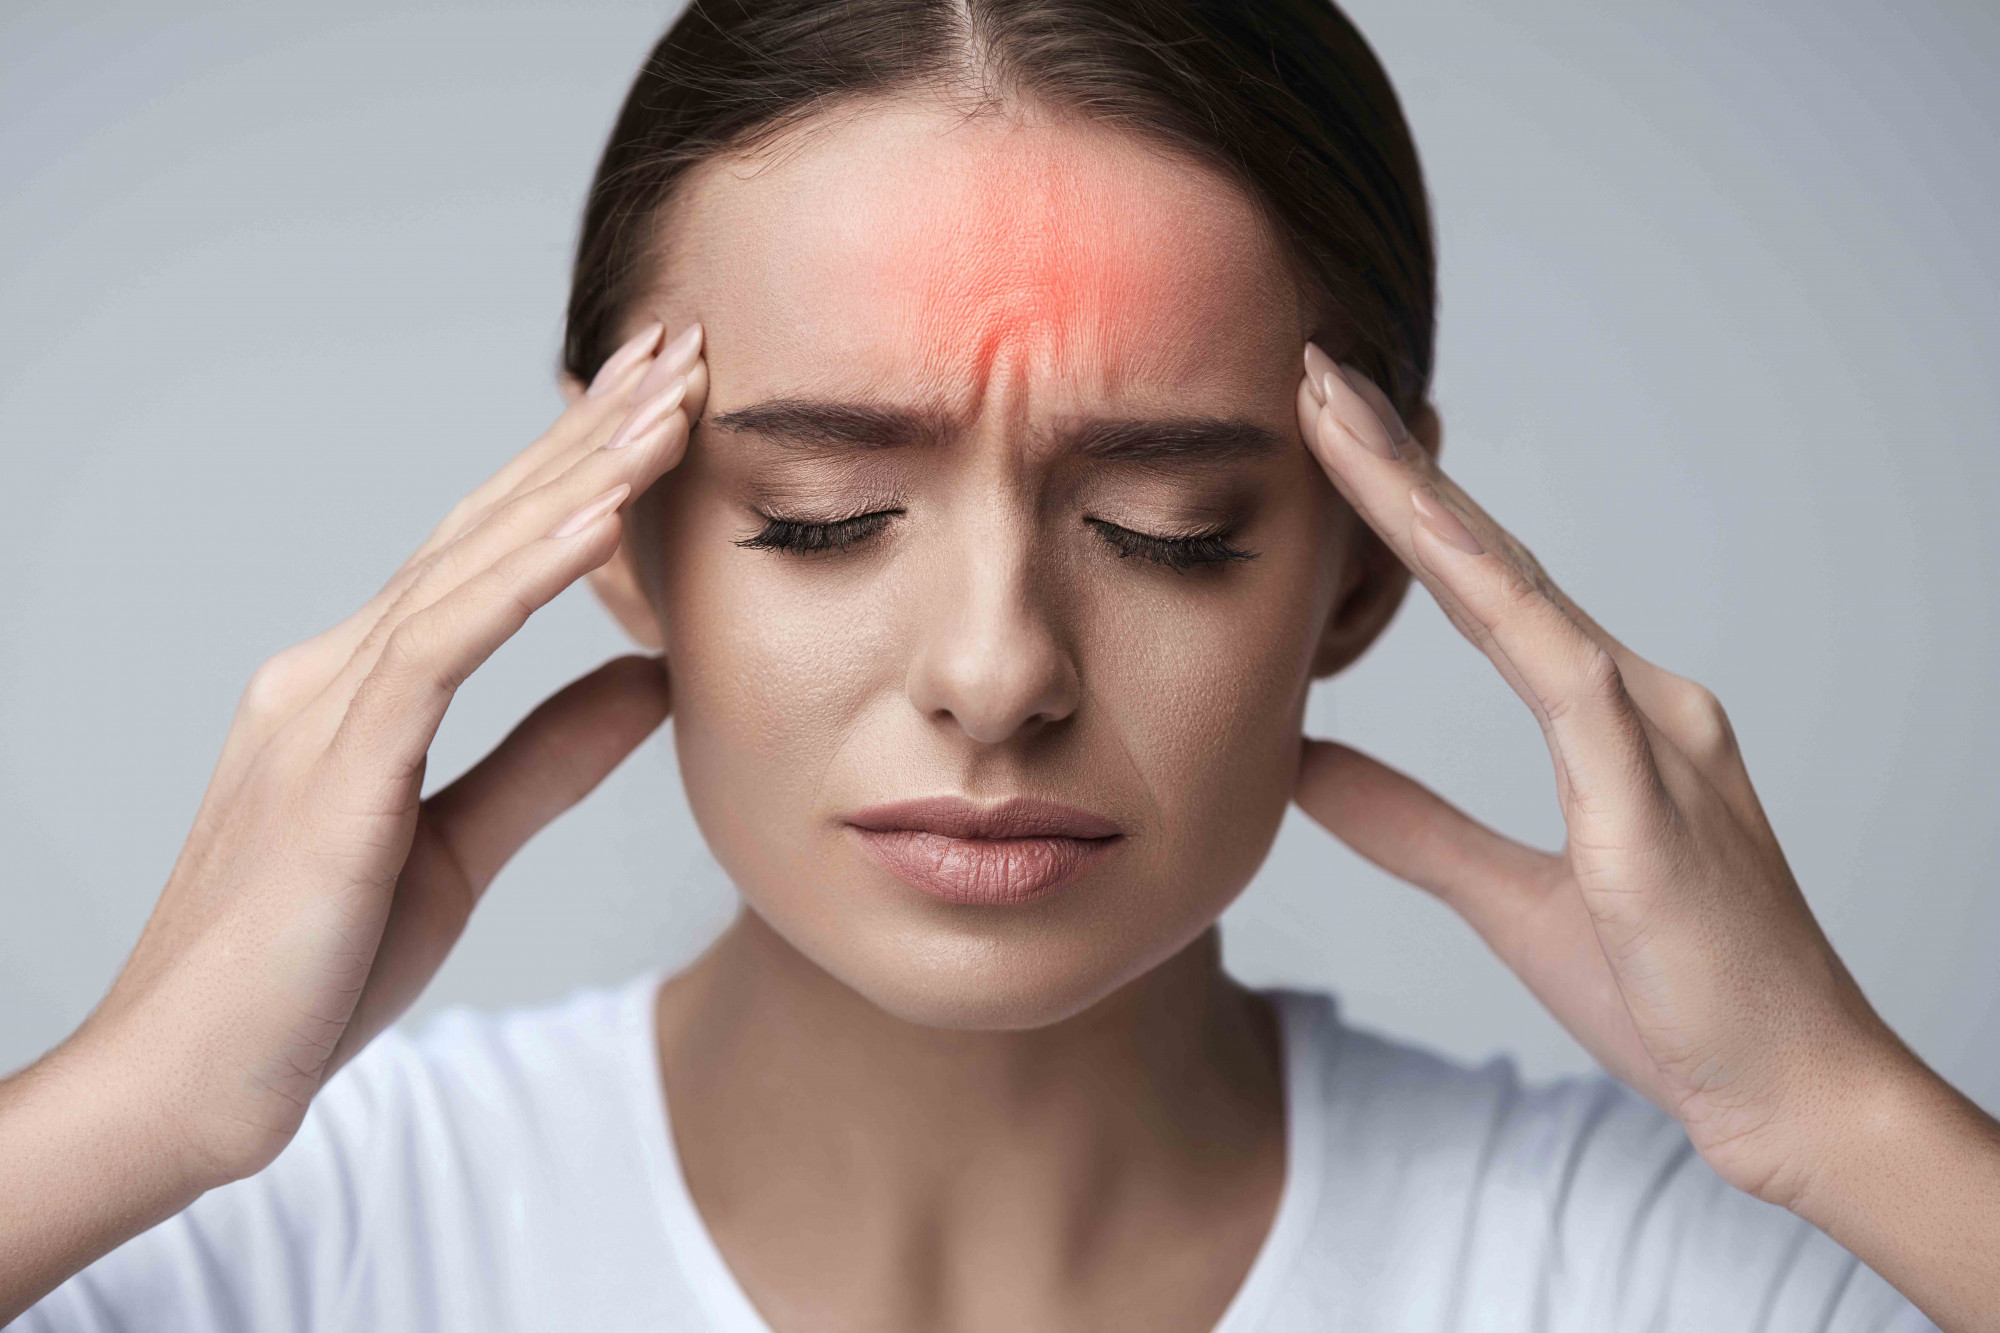 presión de infección del oído detrás de los ojos